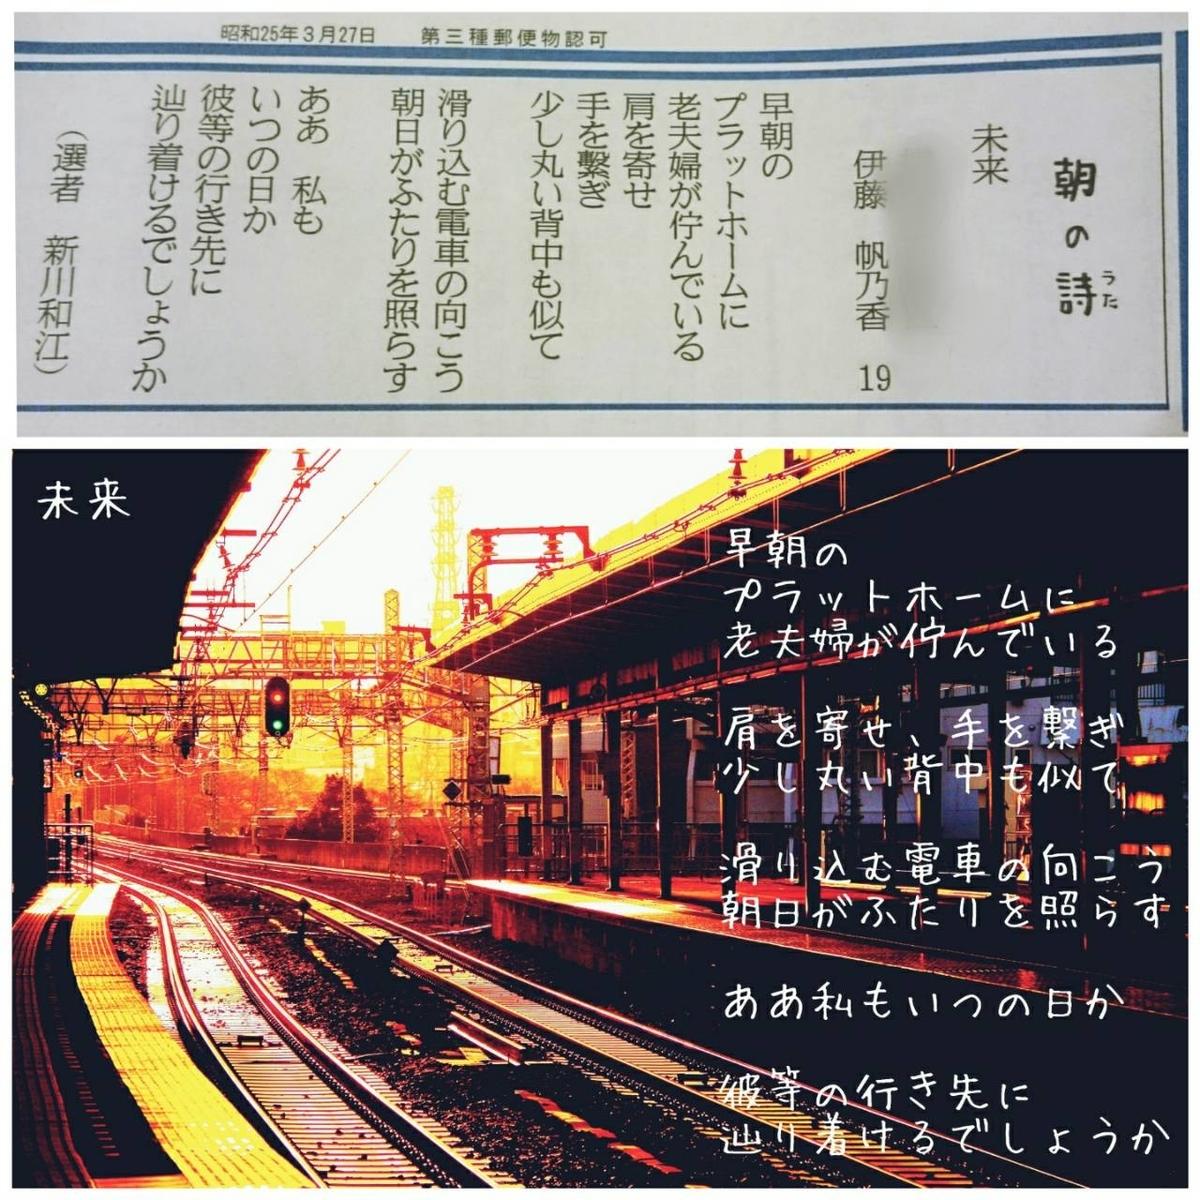 産経新聞朝の詩「未来」